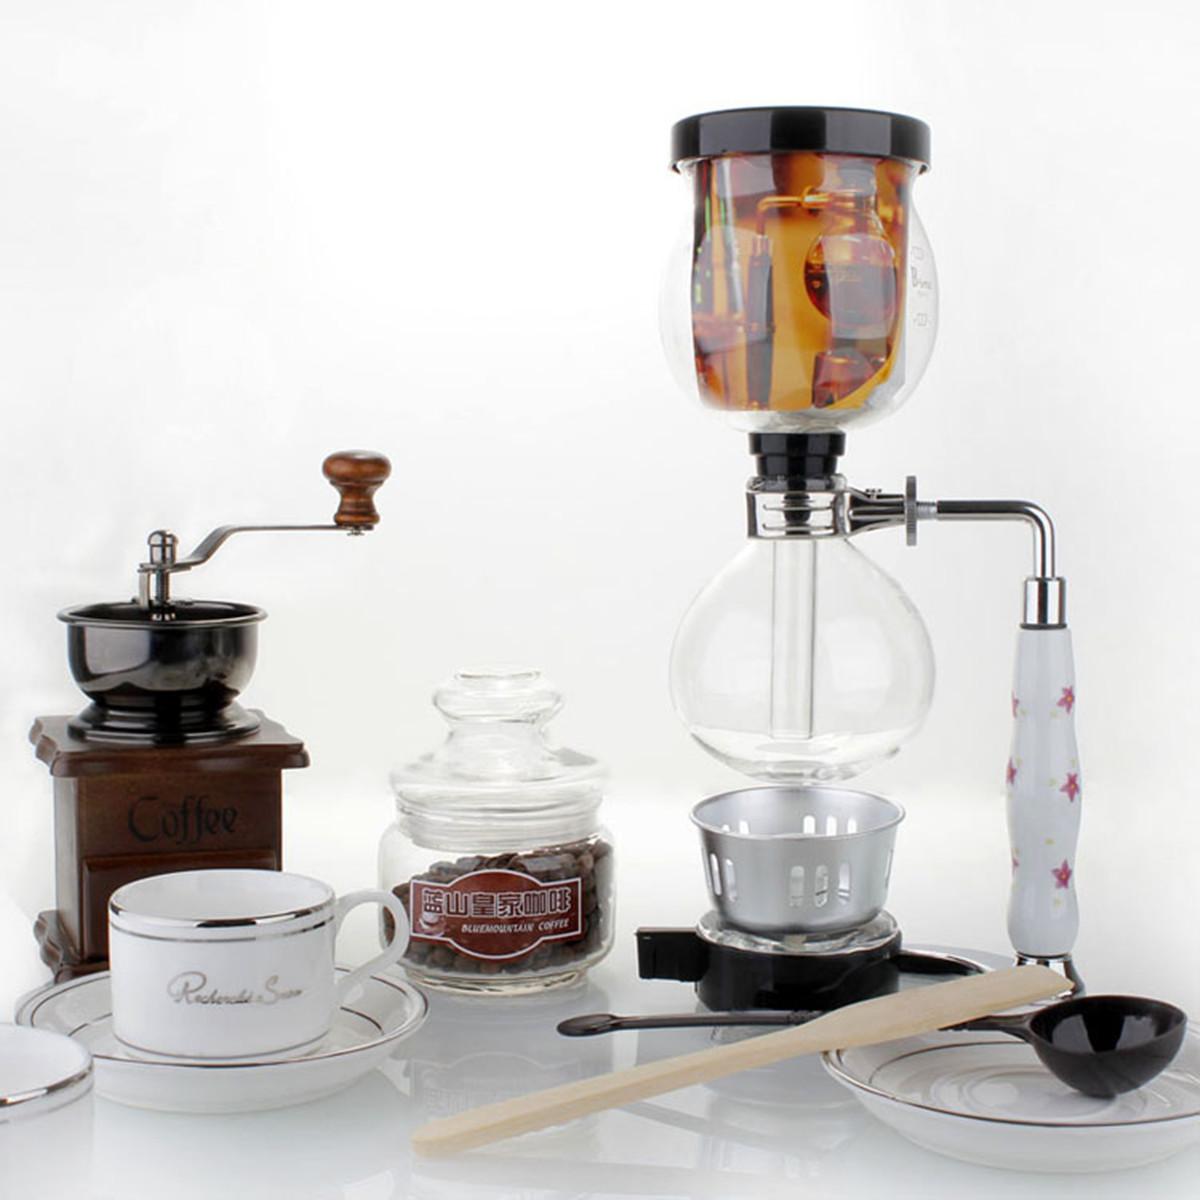 3 чашки Стеклянный сифон Кофеварка Машина Brewer Siphon Вакуумный фильтр с фильтром - ➊TopShop ➠ Товары из Китая с бесплатной доставкой в Украину! в Днепре